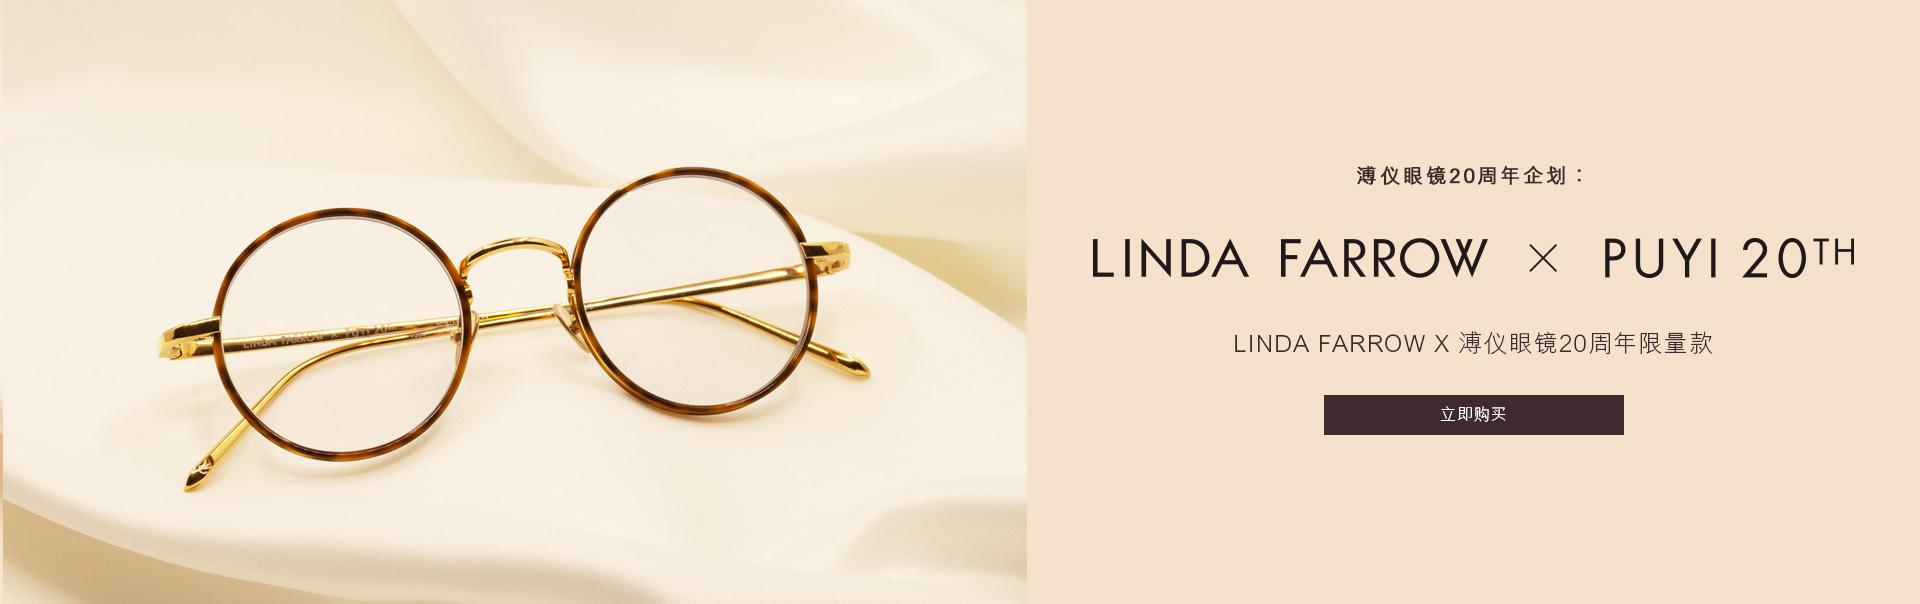 Linda Farrow X 溥仪眼镜 20周年限量版